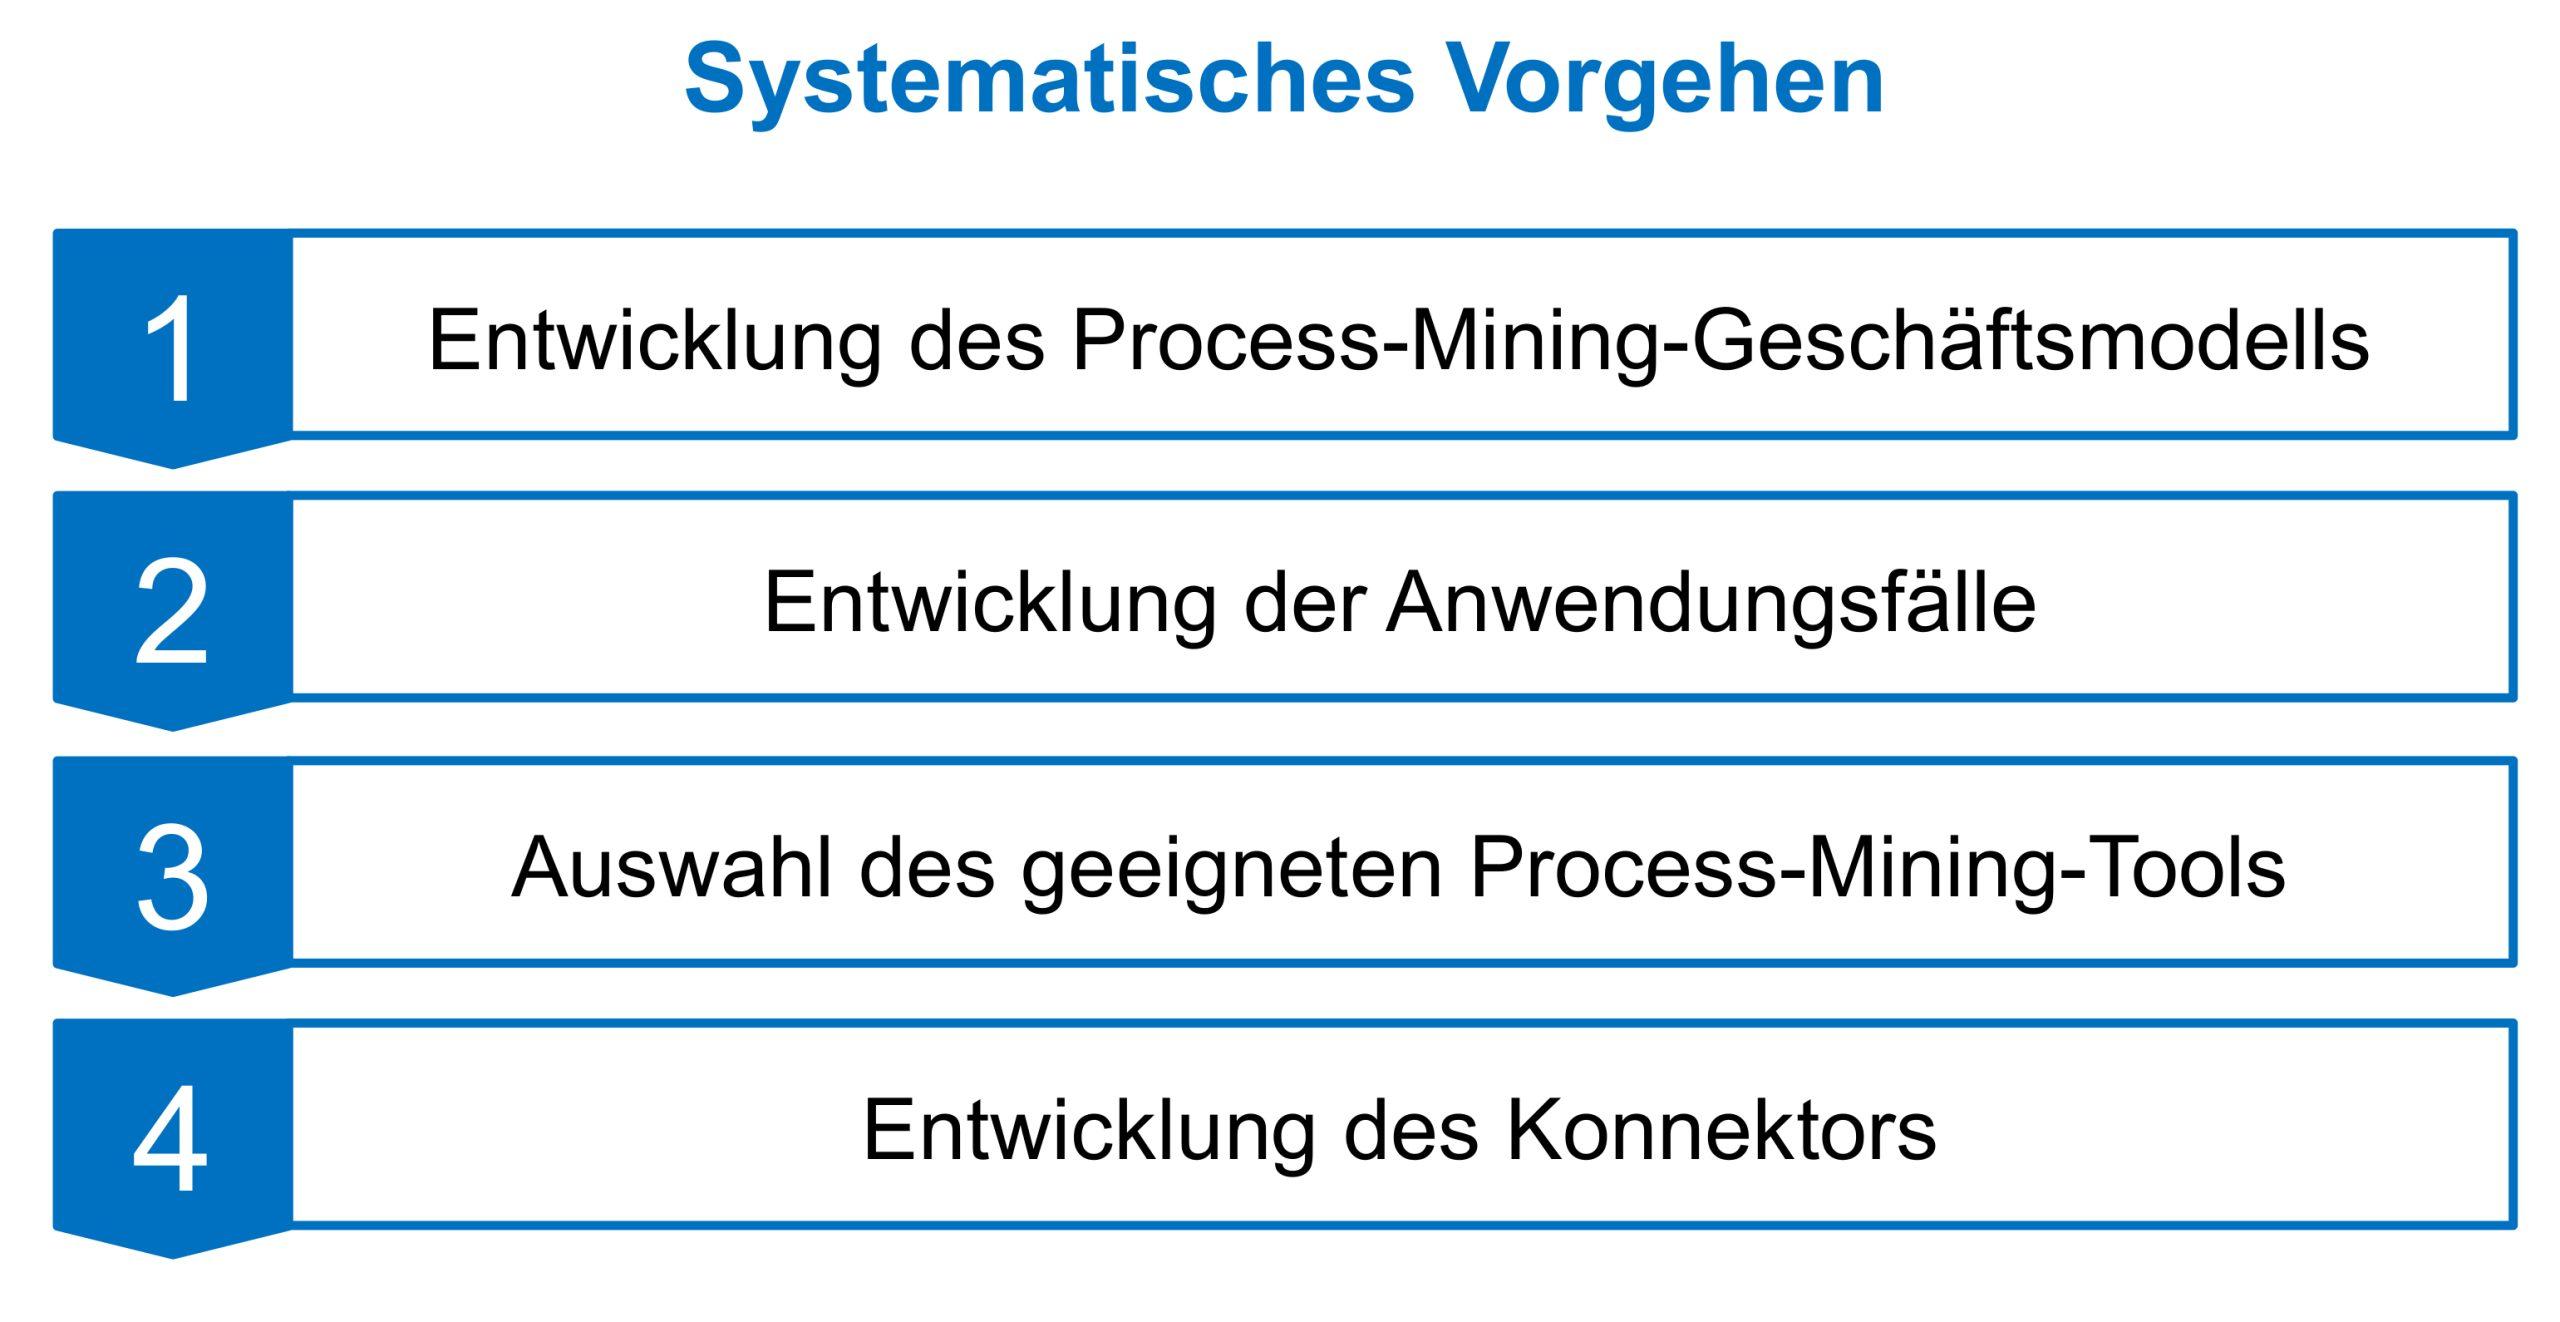 Systematisches Vorgehen (Bild: FIR e. V. an der RWTH Aachen)